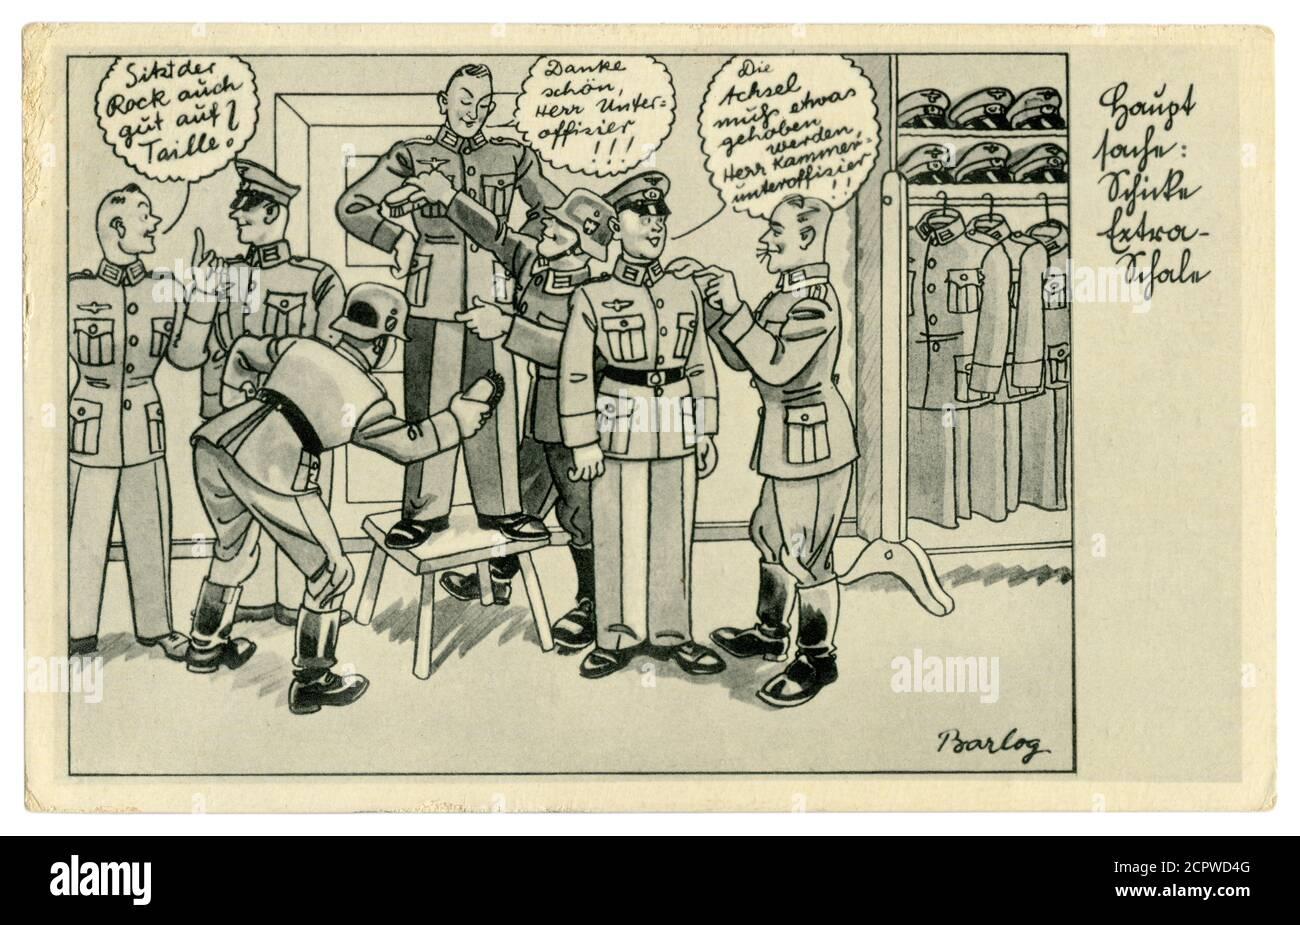 Carte postale historique allemande : un unteroffizien met un soldat dans un nouvel uniforme militaire. Brush the recy, série satirique, par Barlog, Allemagne, 1939 Banque D'Images